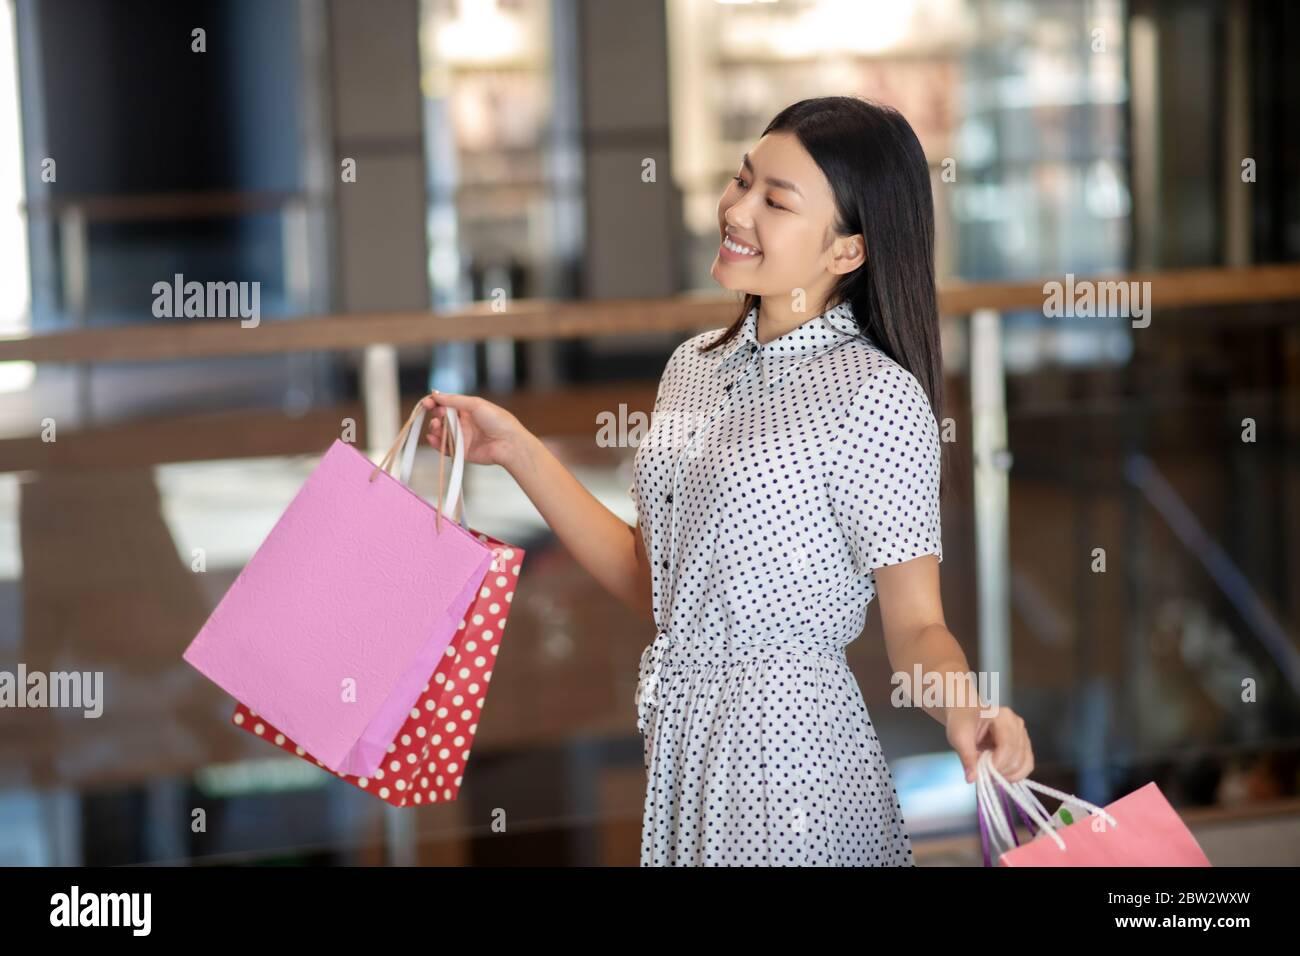 Bonne brune femelle marchant avec des sacs de shopping, beaming Banque D'Images